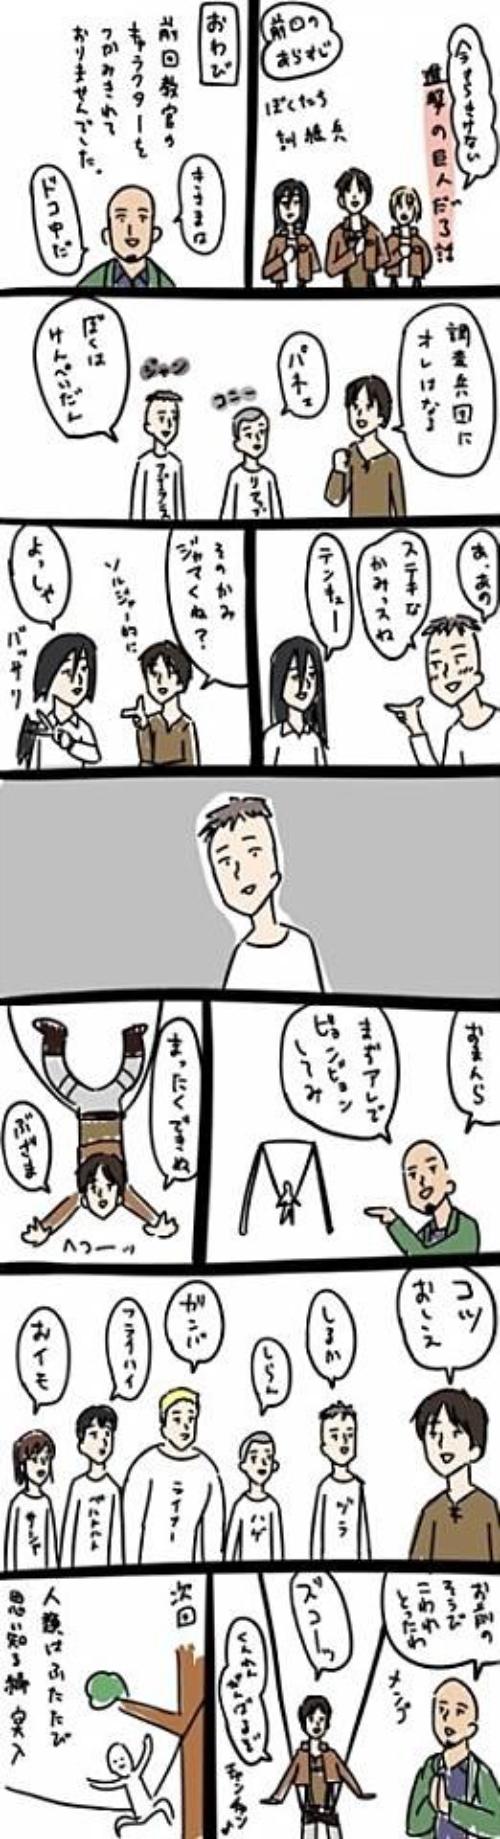 進撃の巨人おさらい漫画その3